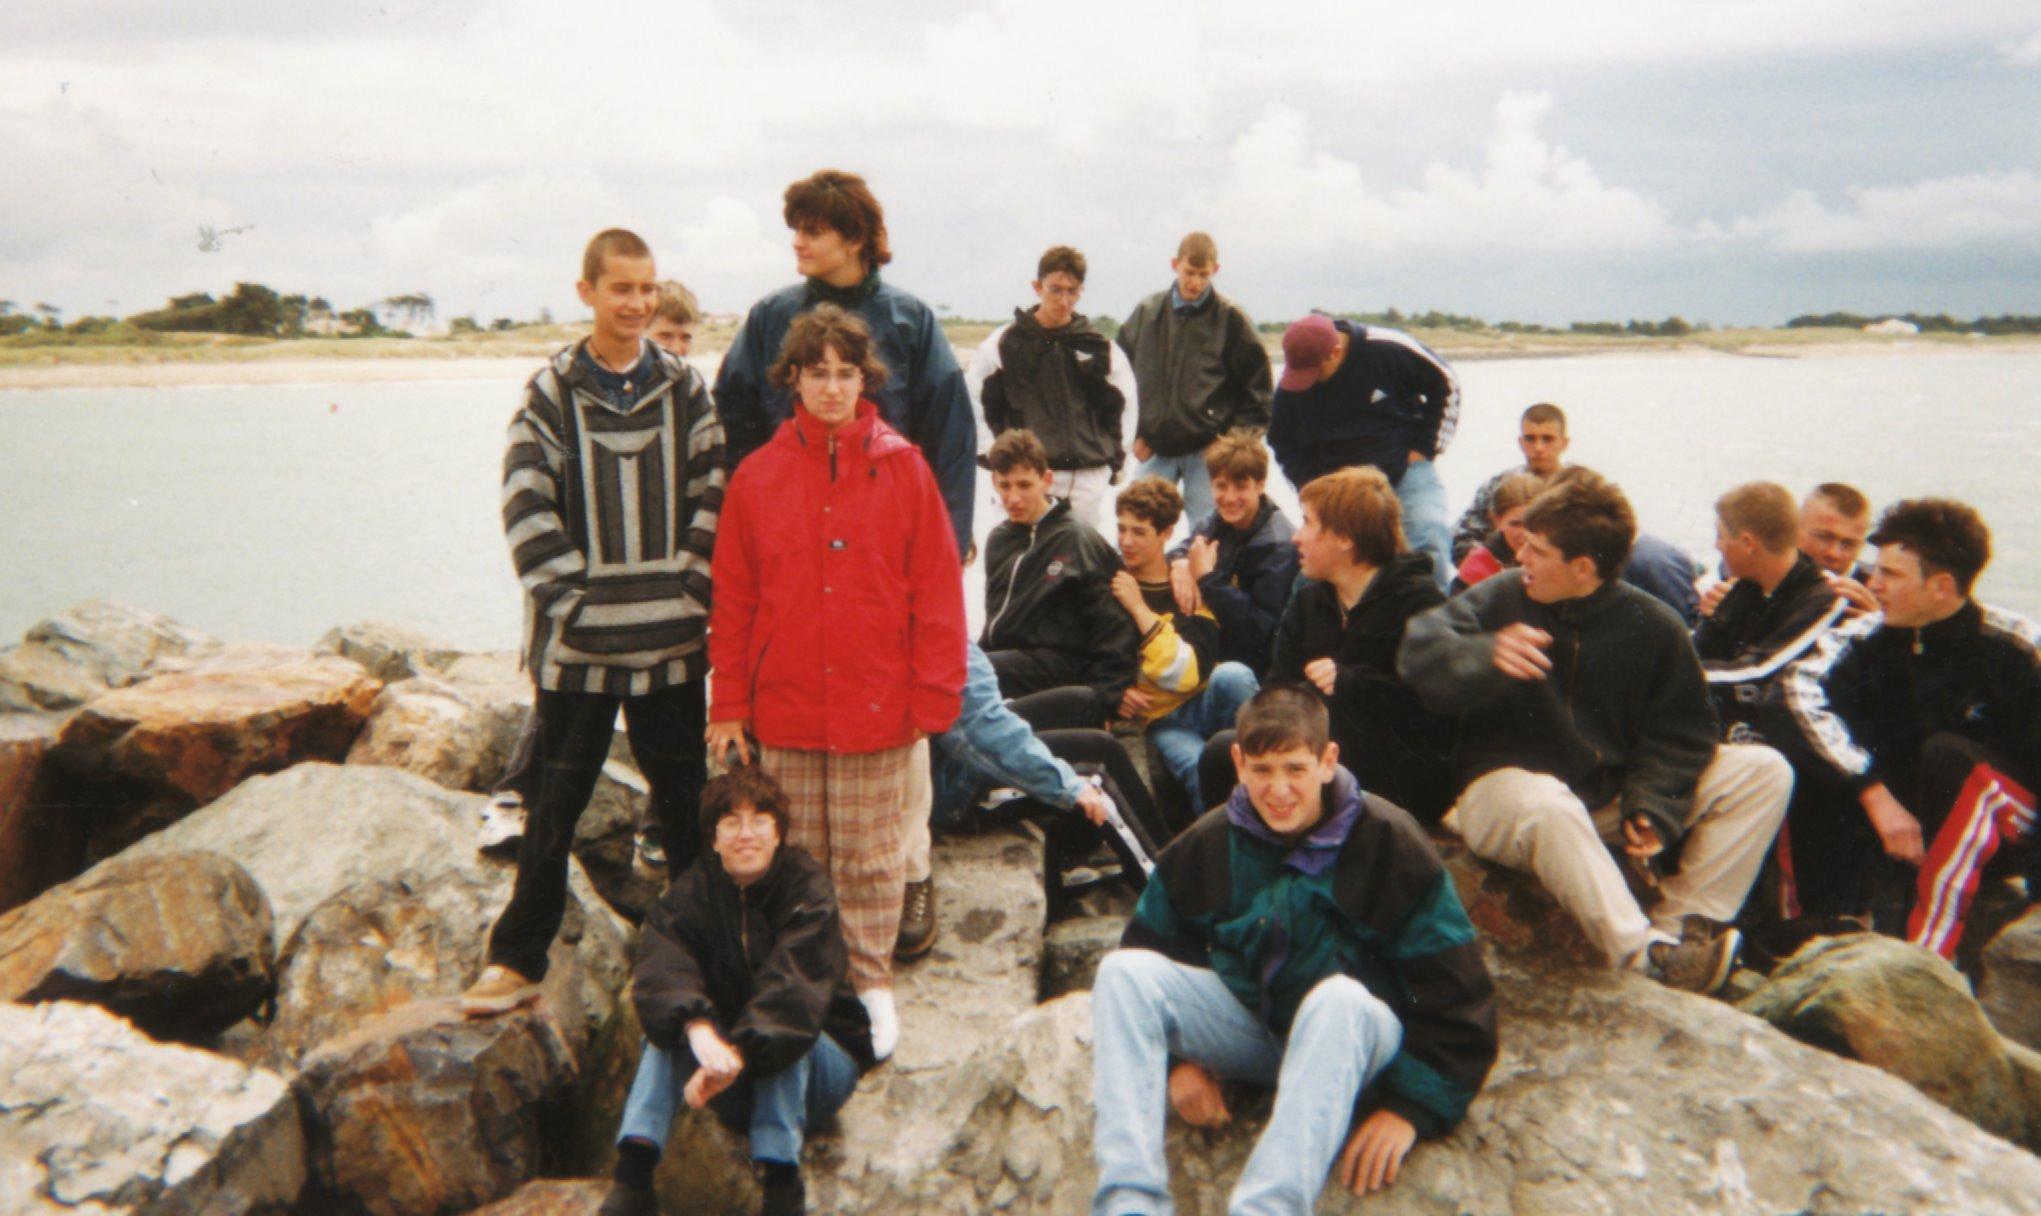 Archives anciens élèves mfr puy-sec 1997 (1)